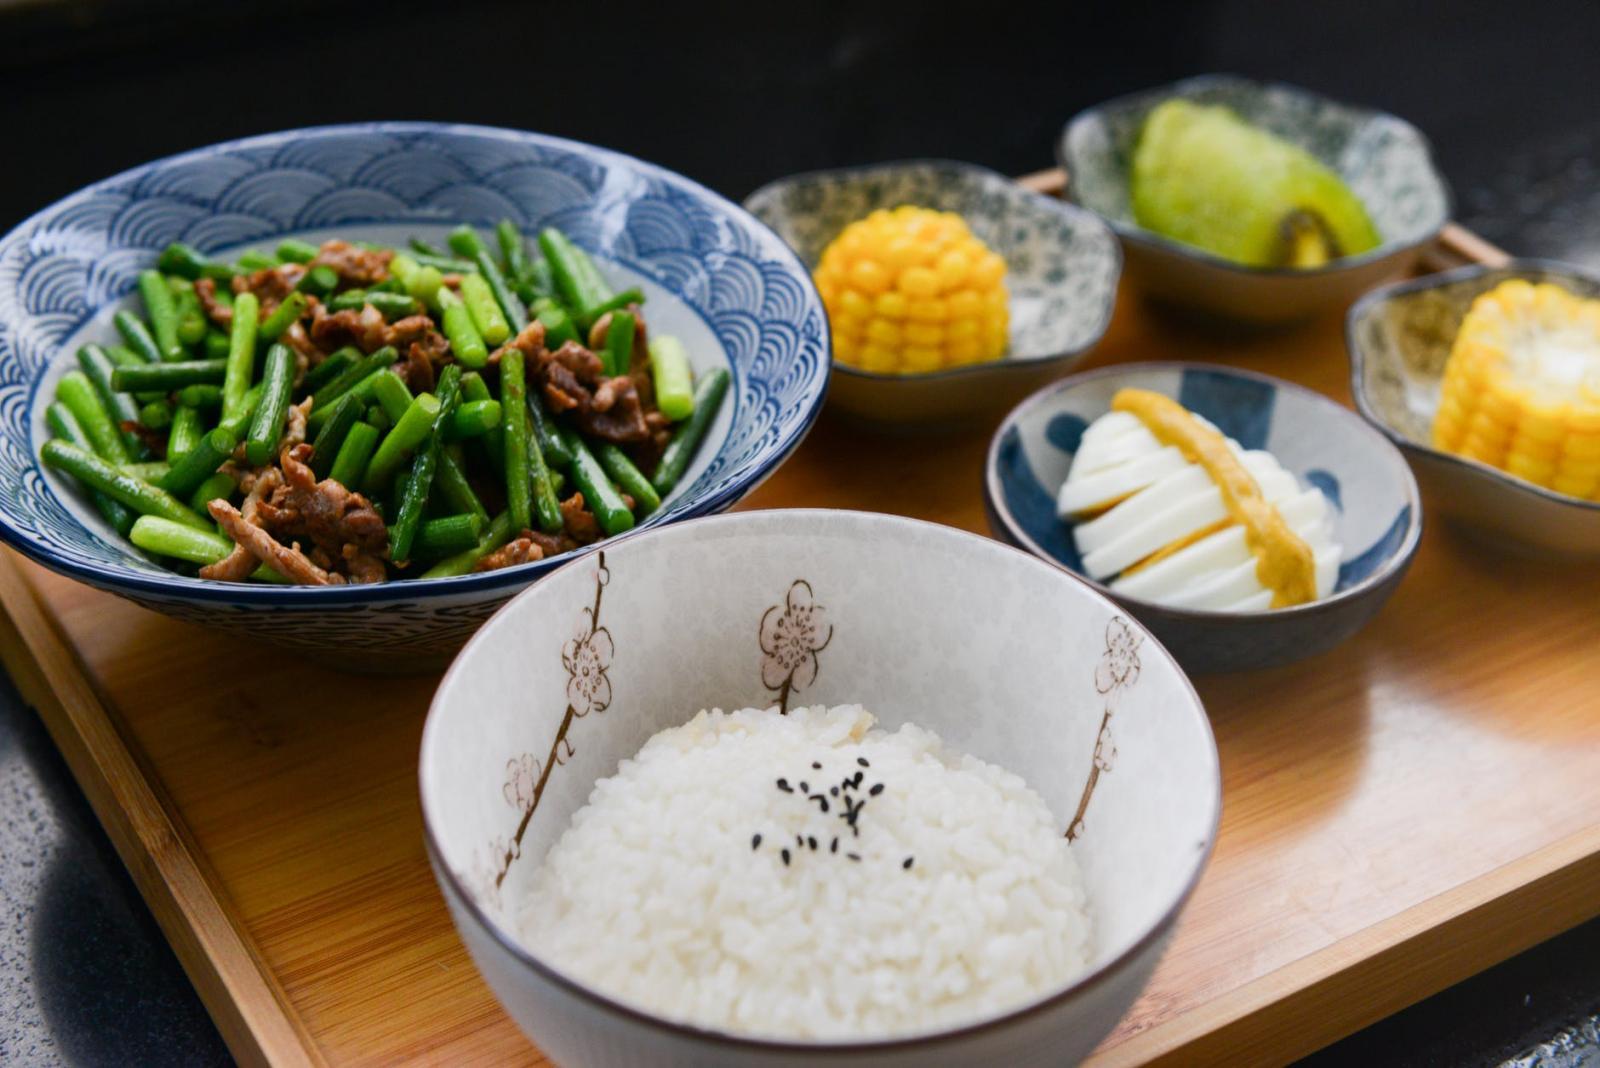 三餐吃白飯也能減肥!日本節目實測「6:4瘦身飲食法」,掌握黃金比例一天扒三碗也不怕-4